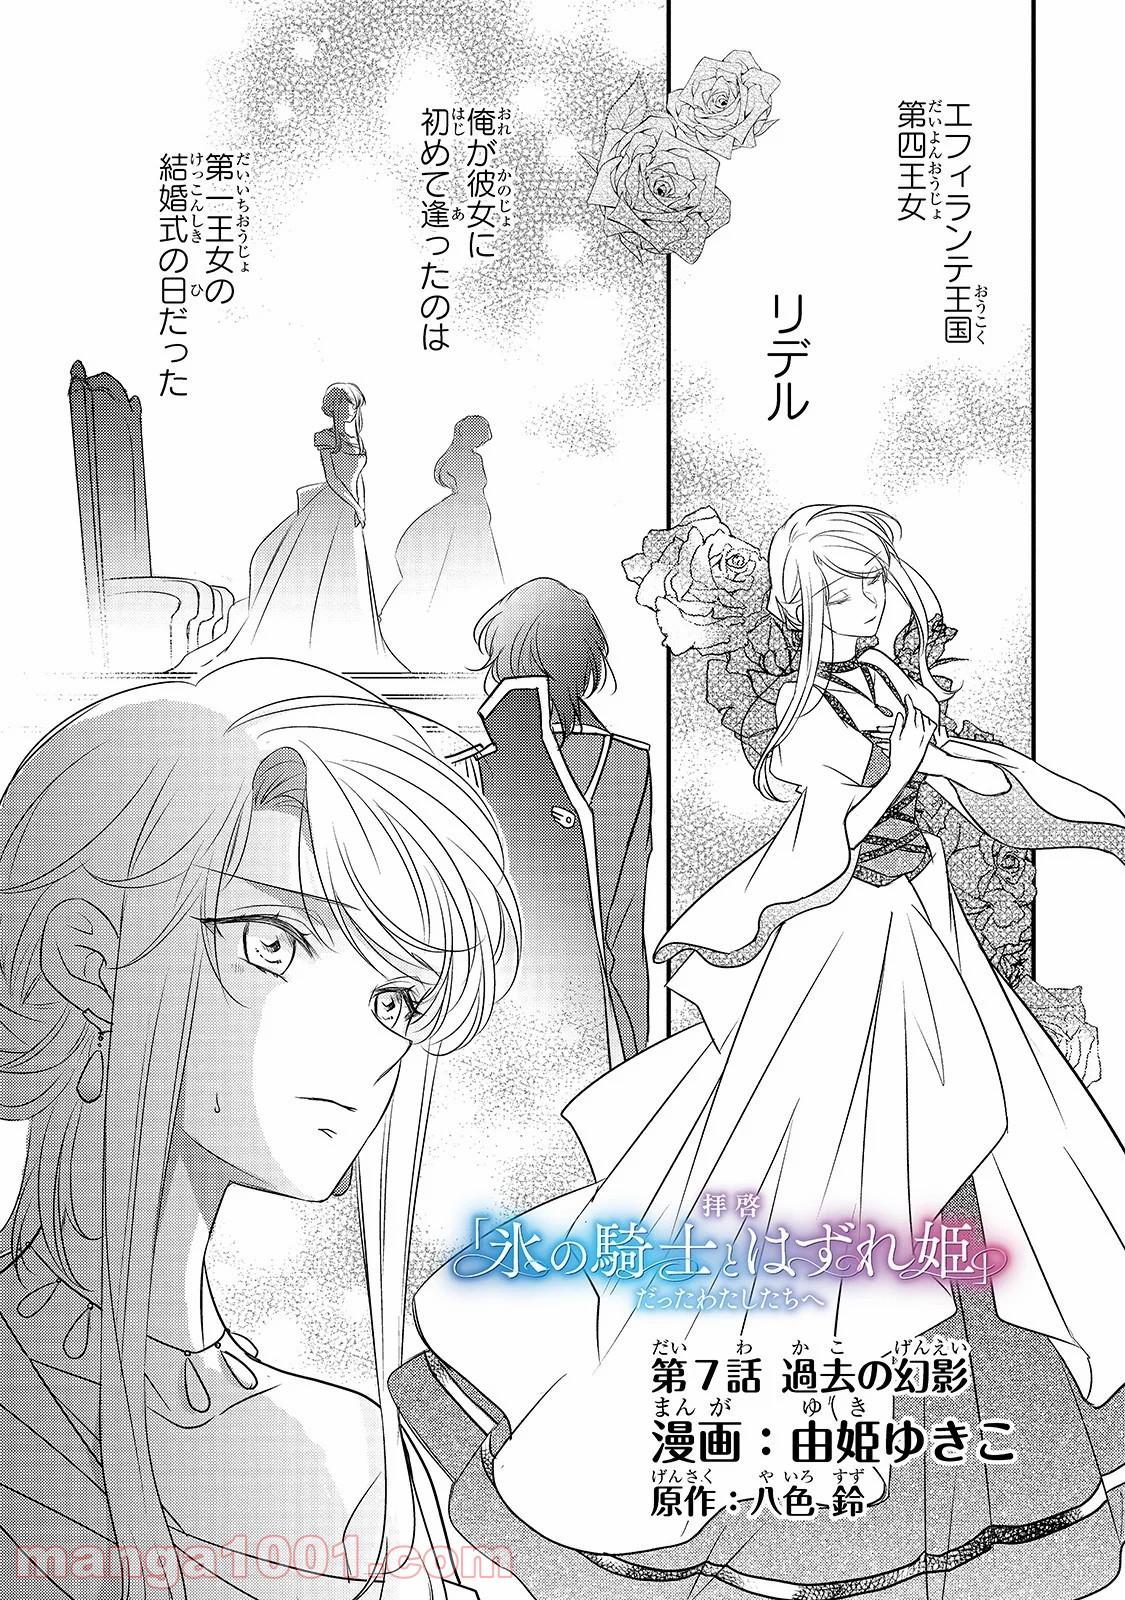 はずれ 姫 氷 と の 騎士 拝啓